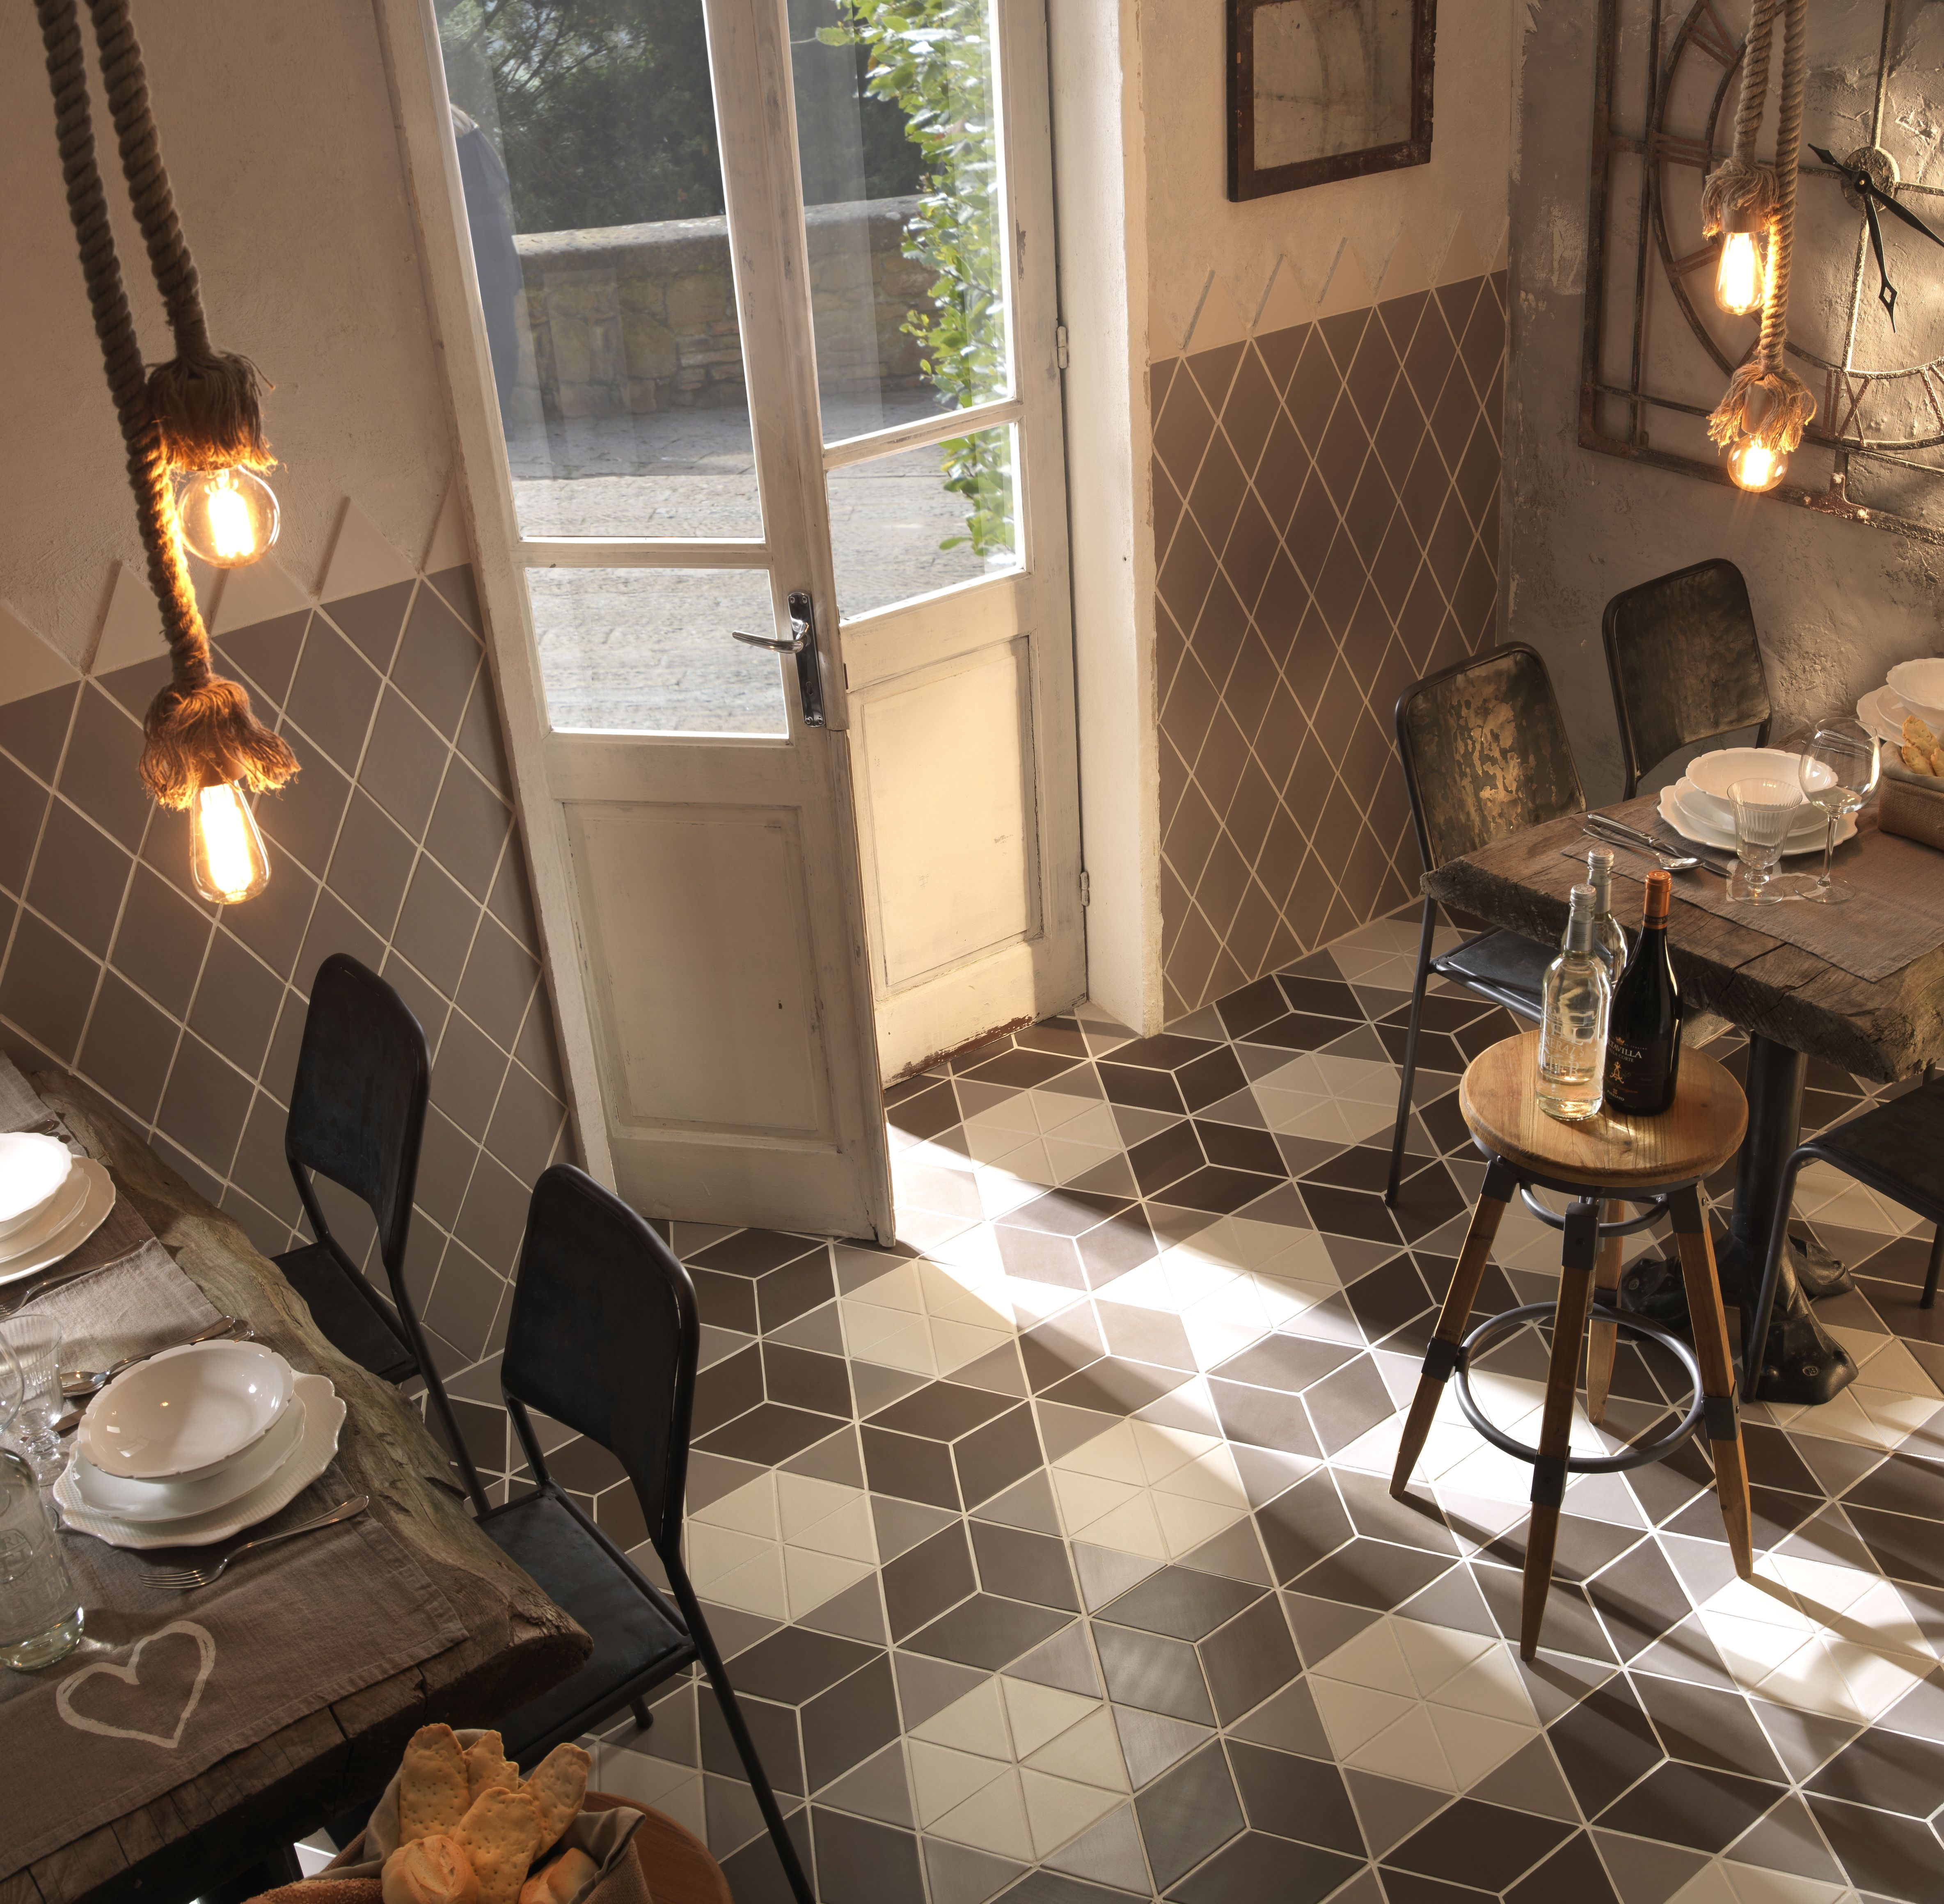 Salle De Bain Parents ~ Tonalite Collezione Geomat Forma Rhombus Tiles Piastrelle Shape